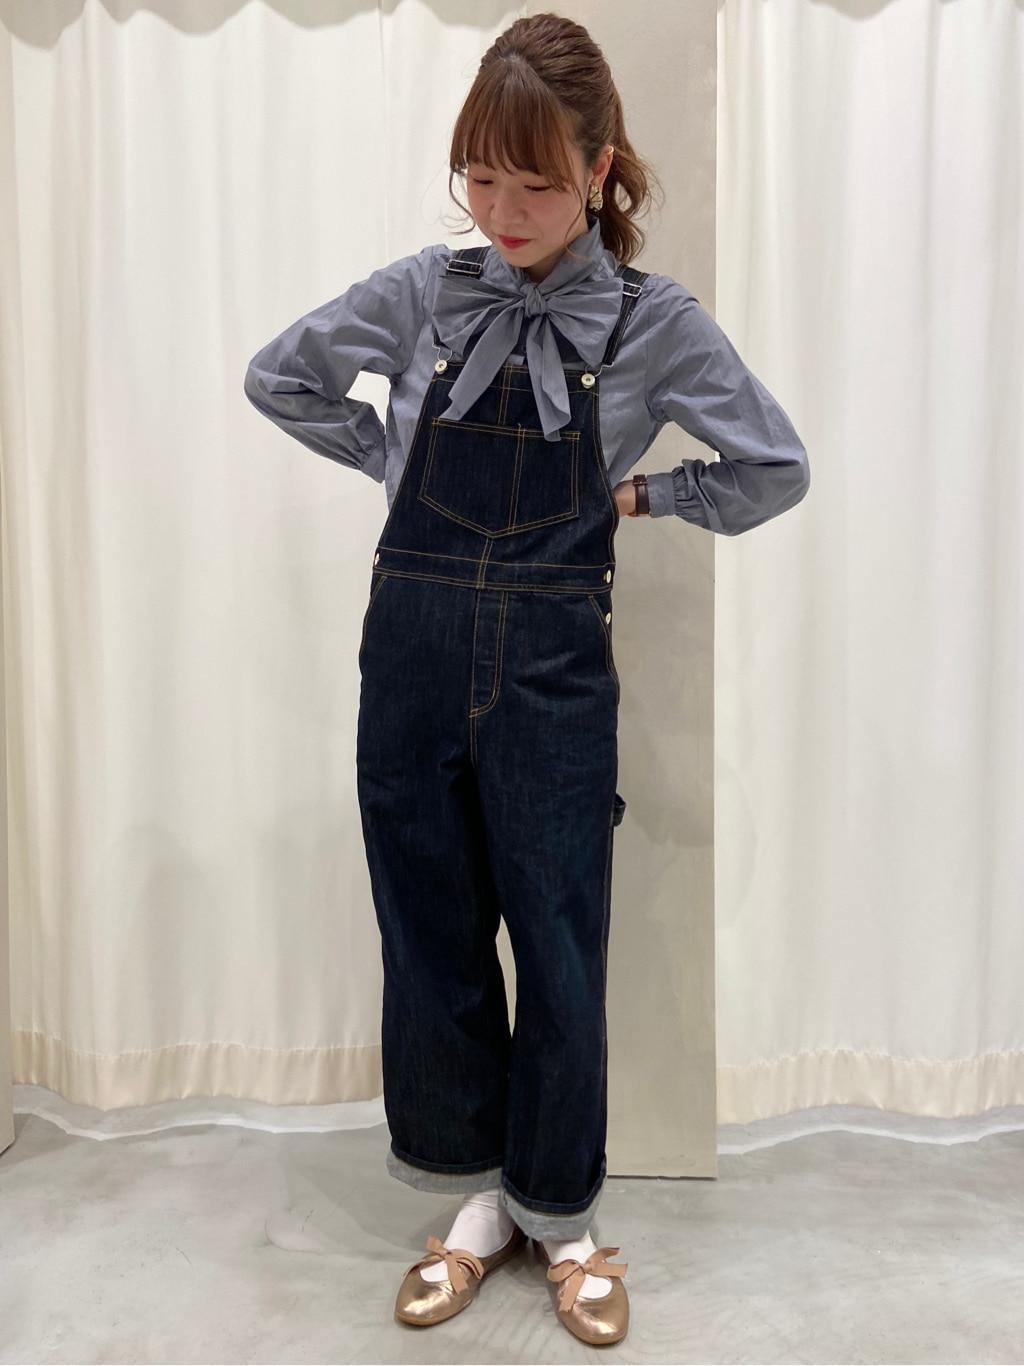 - PAR ICI CHILD WOMAN , PAR ICI ルミネ池袋 身長:165cm 2020.11.02